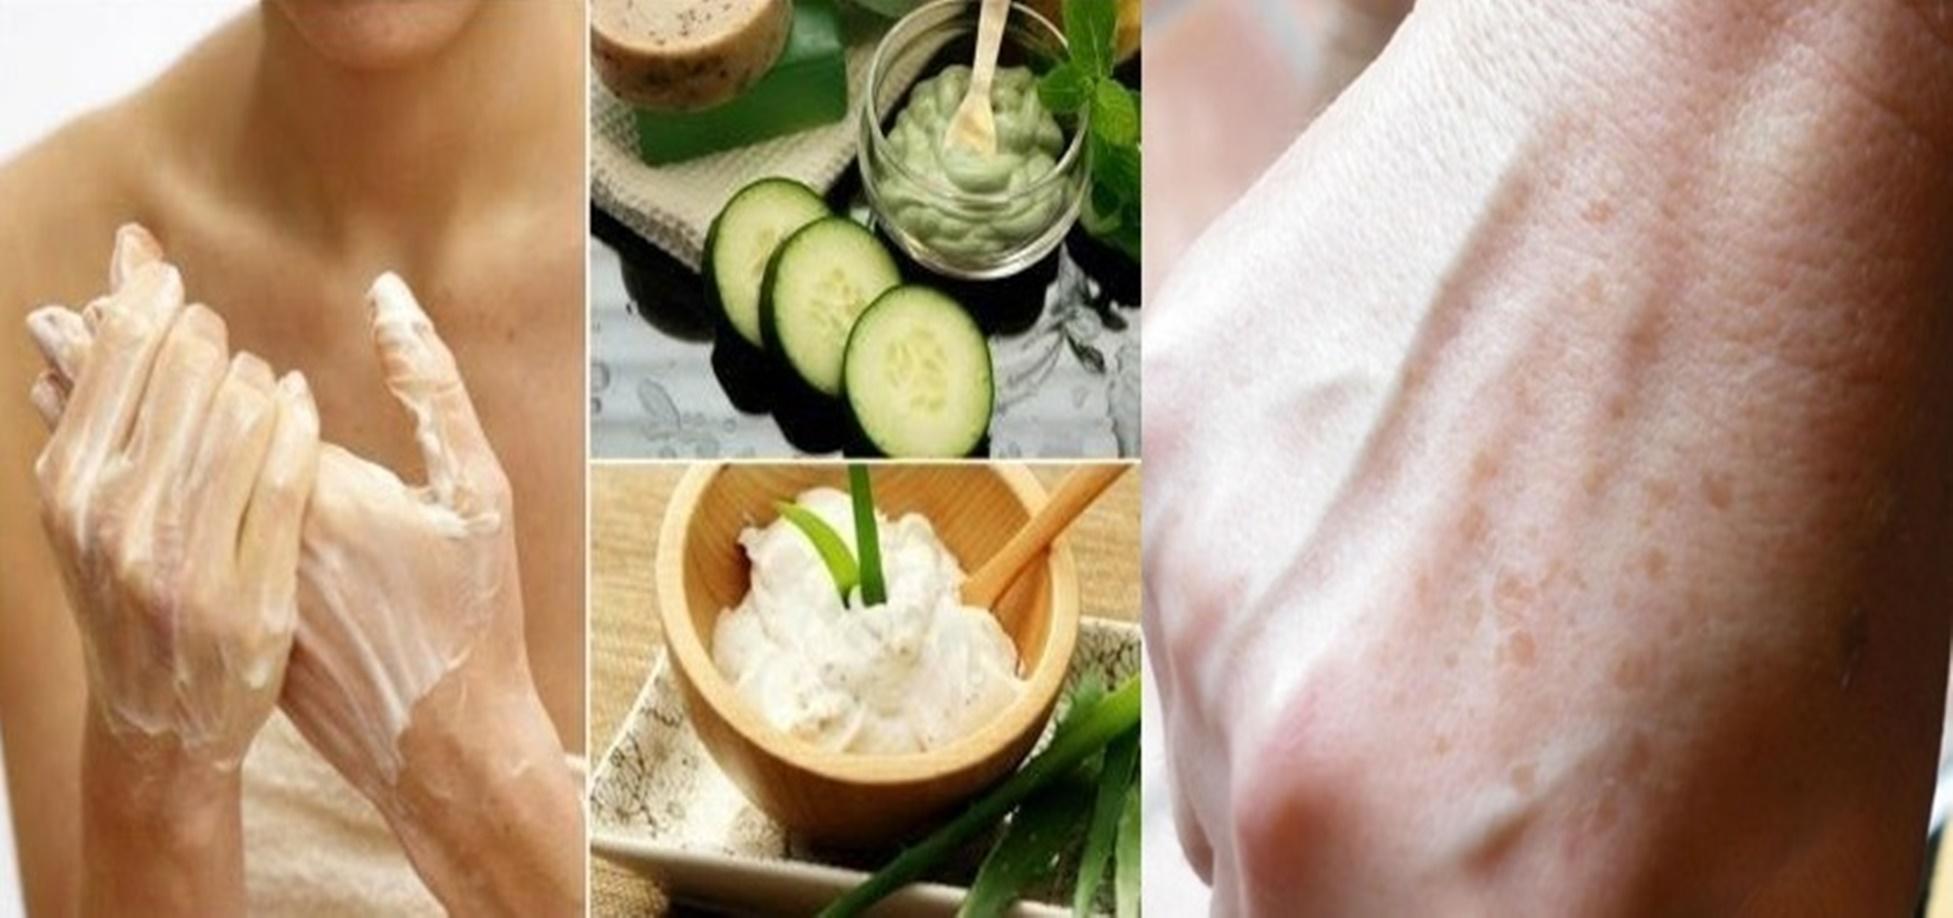 Natural și simplu-mâini bine îngrijite – 5 creme pentru reducerea petelor de pe mâini, îndepărtează ridurile, petele de vârstă și fisurile